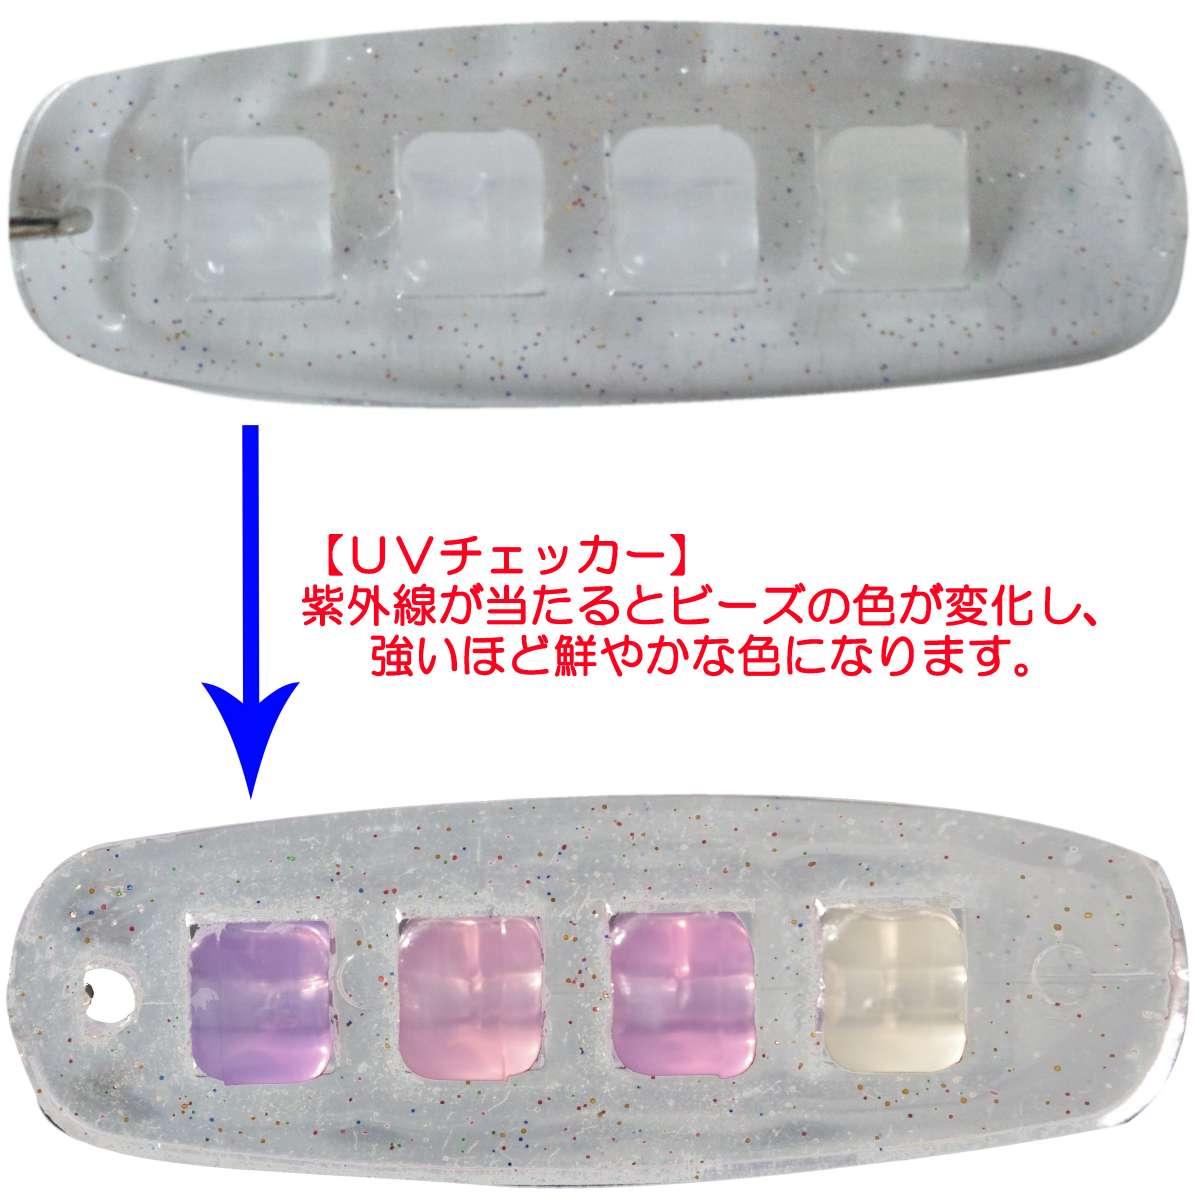 ボーイズ?ガールズ?メンズ?レディース[Pianissimo(ピアニッシモ)]UVチェッカー付ネッククーラー?保冷?熱中症予防商品写真4